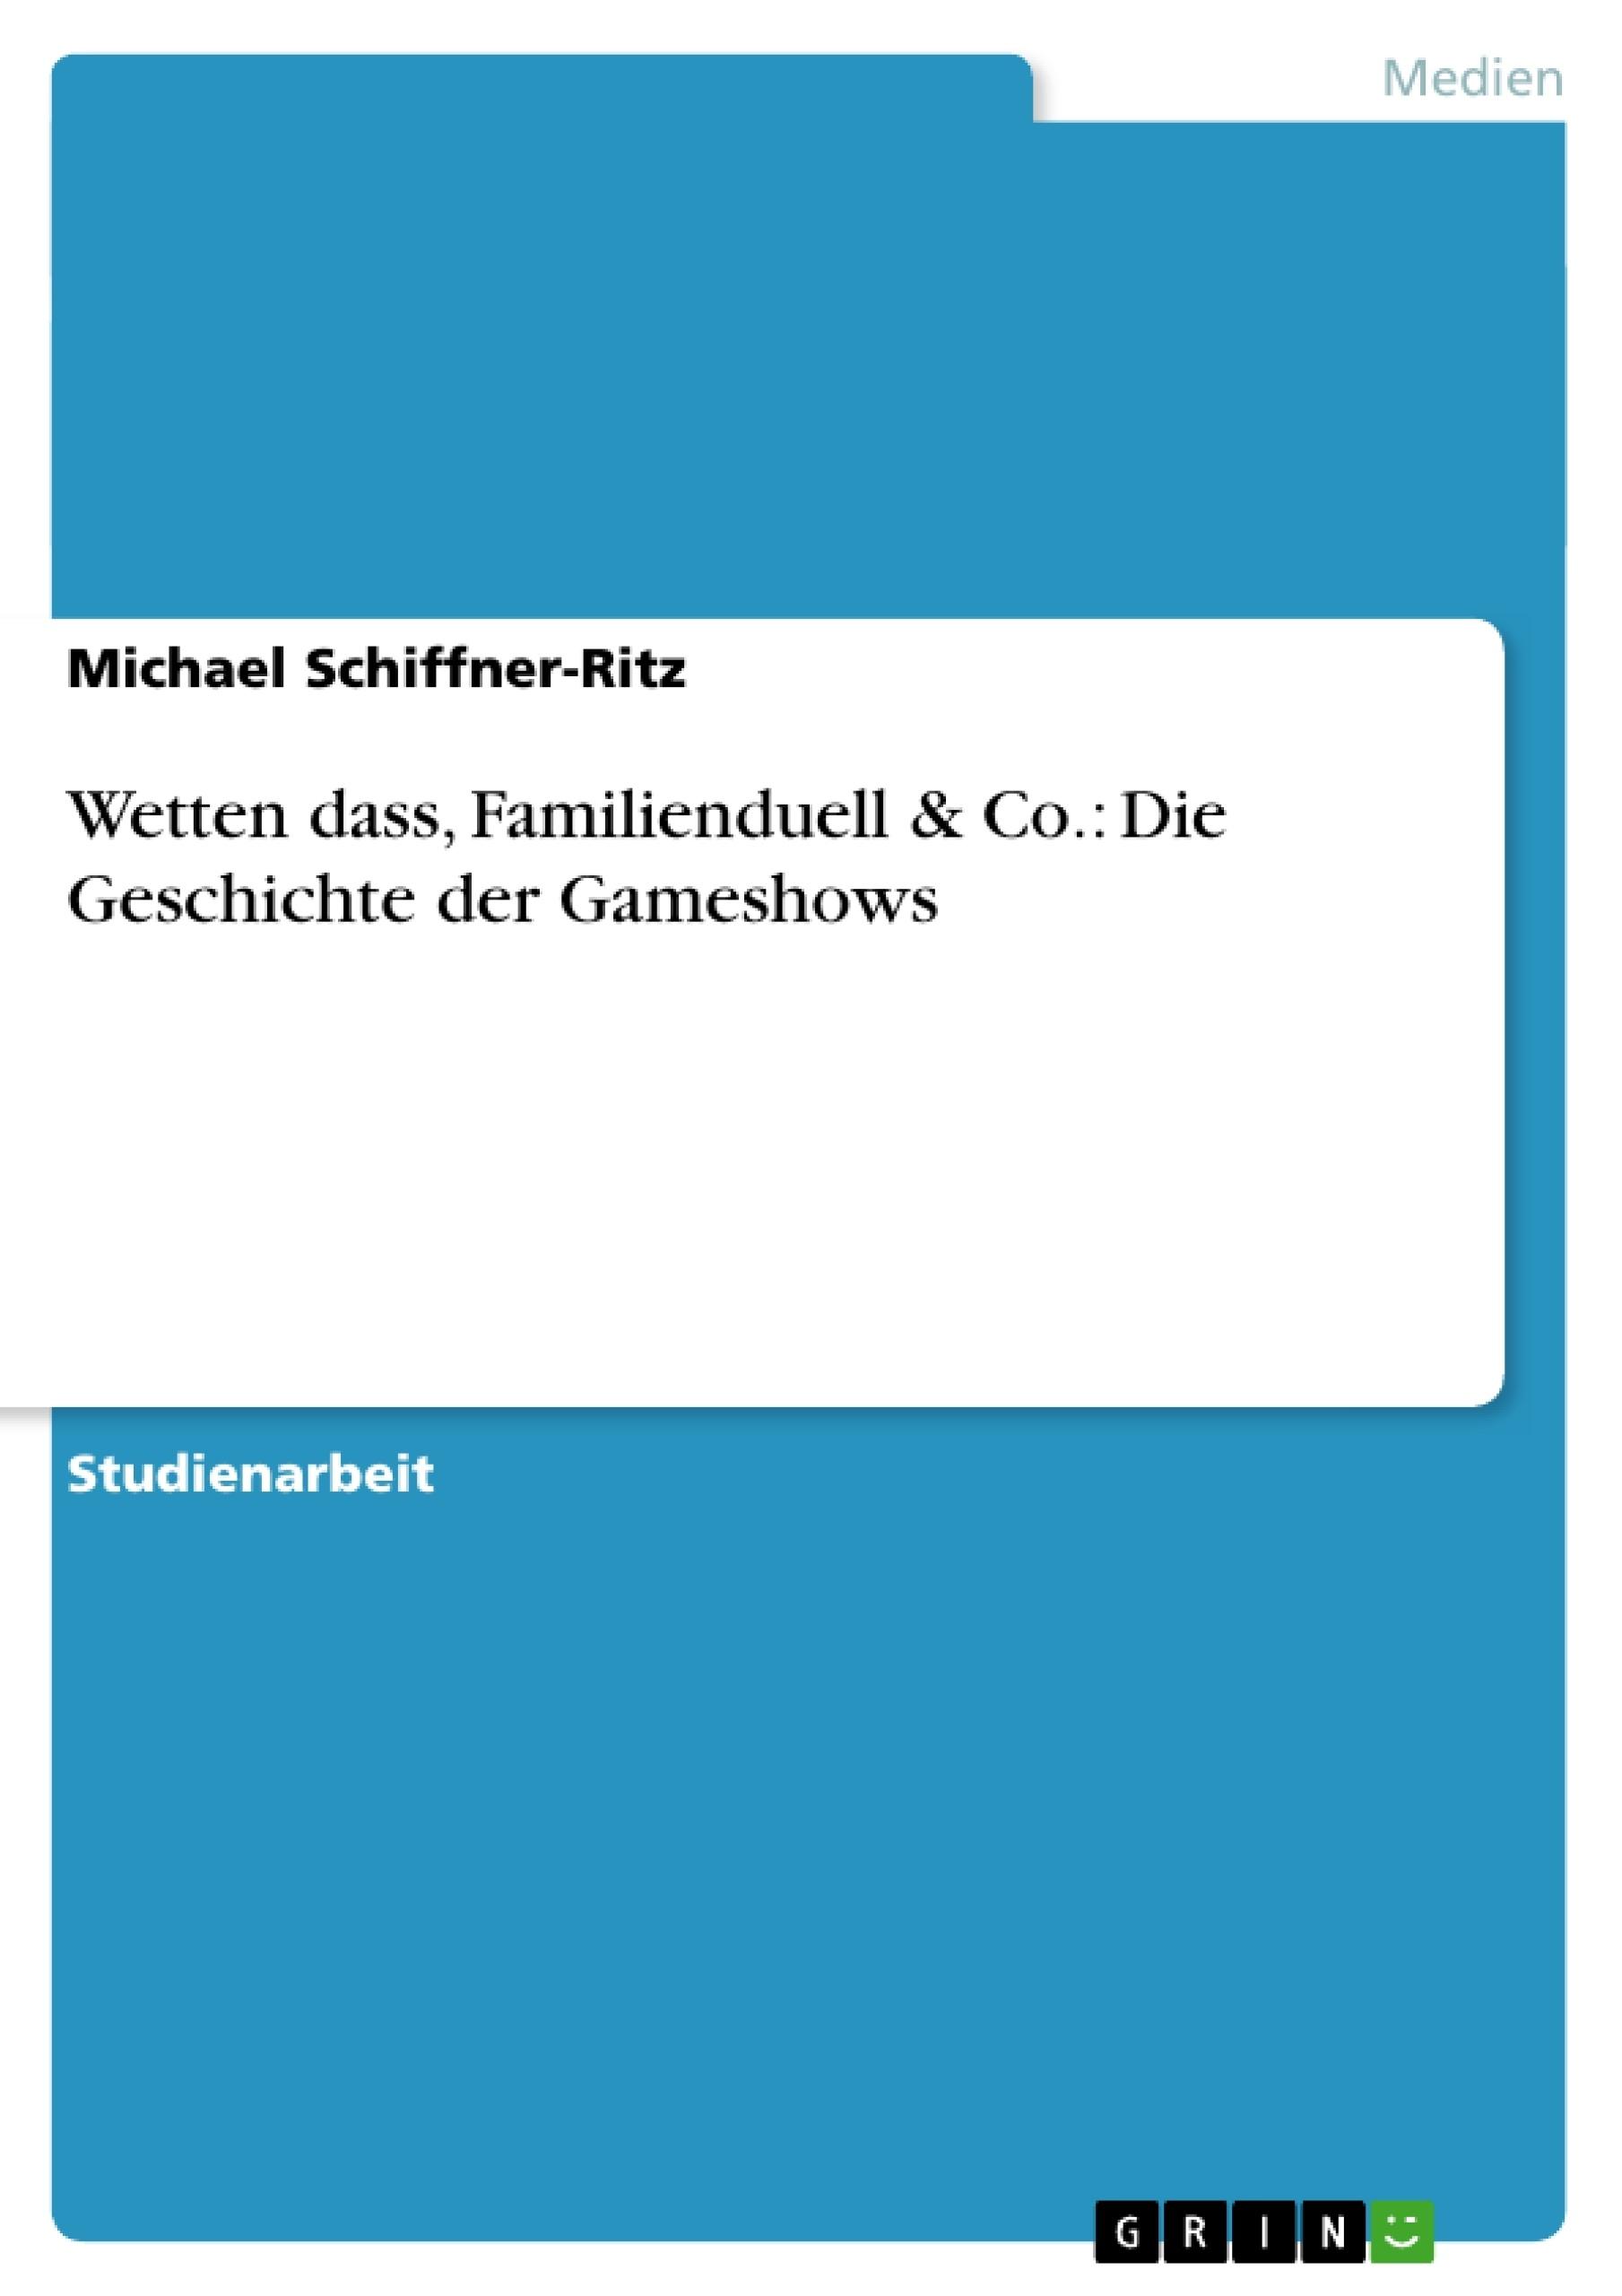 Titel: Wetten dass, Familienduell & Co.: Die Geschichte der Gameshows